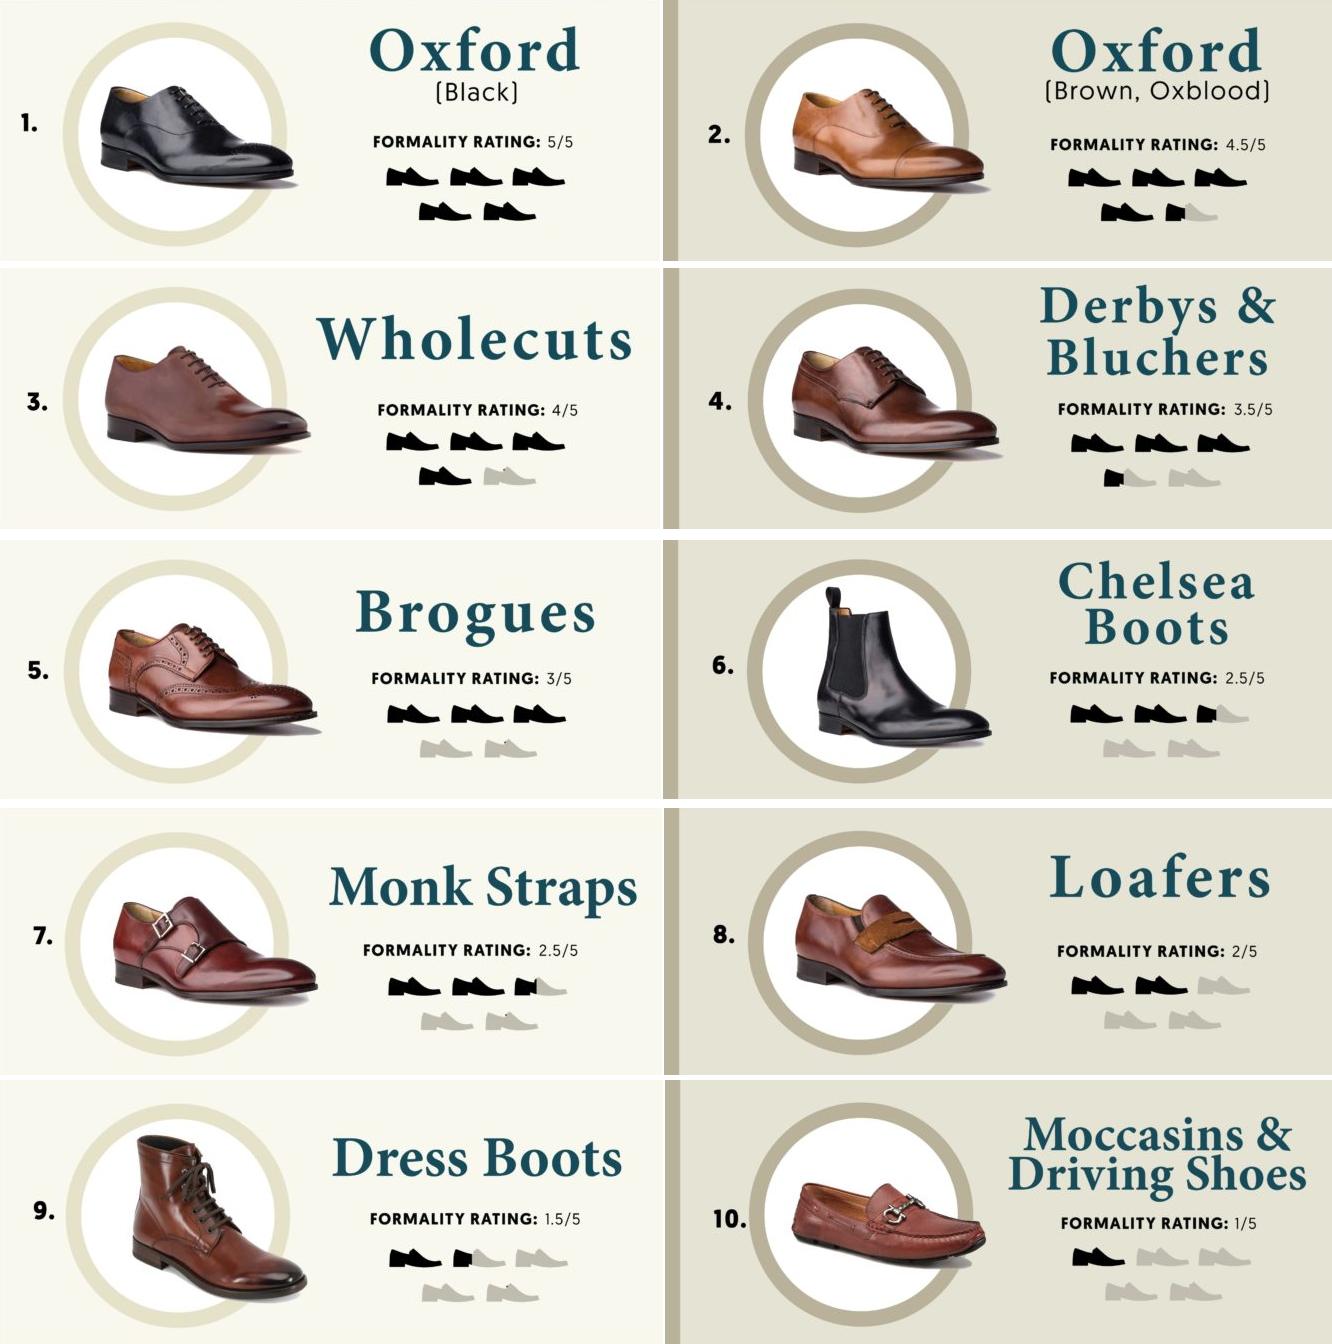 formalność butów